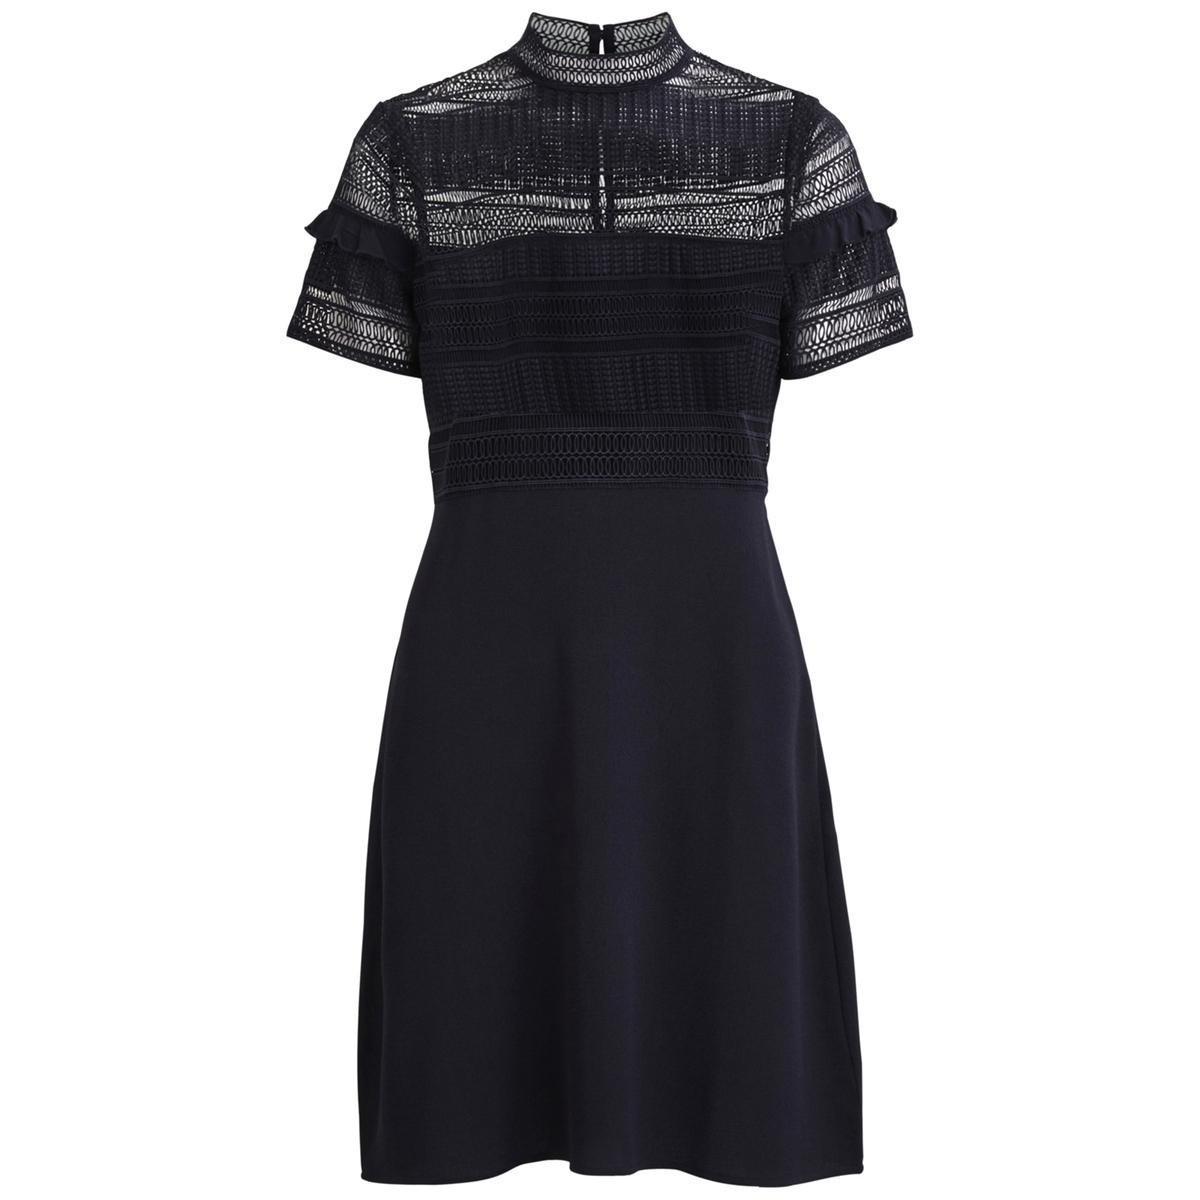 Платье прямое однотонное длиной миди, 3/4 for me elena miro блузы прозрачные